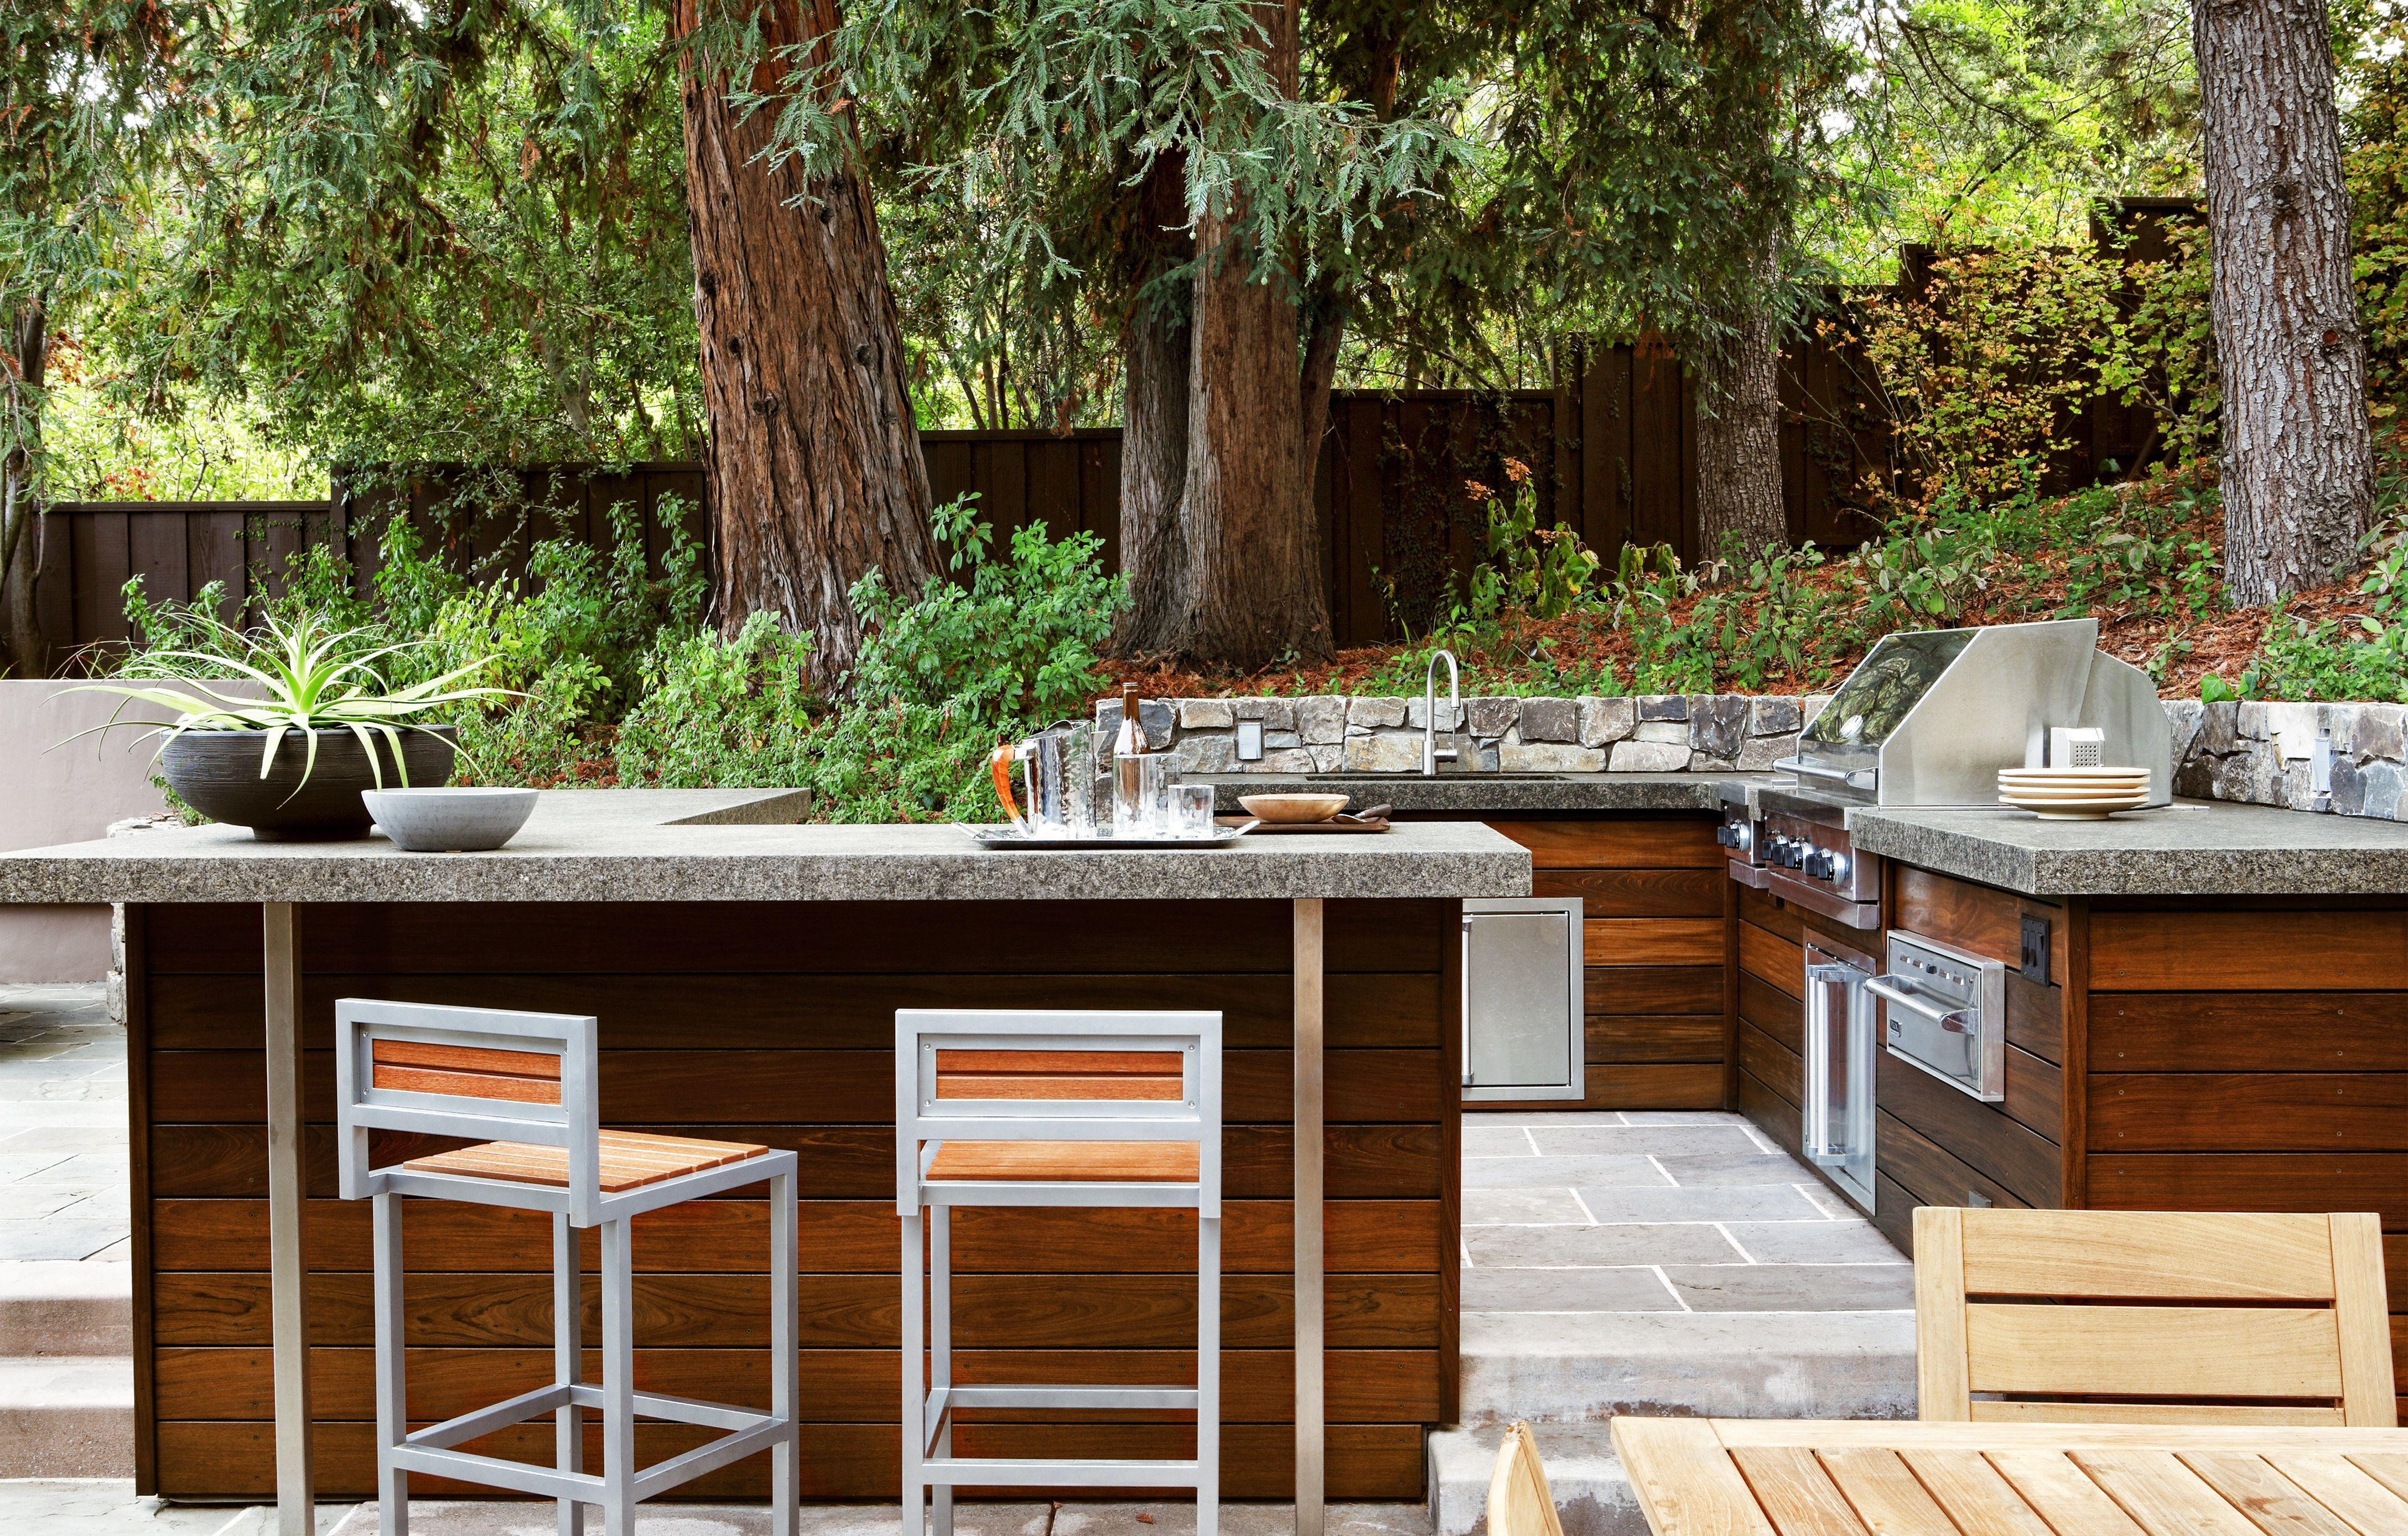 30 incredible modern outdoor kitchen design ideas for enjoy your party outdoor kitchen design on outdoor kitchen on wheels id=75656